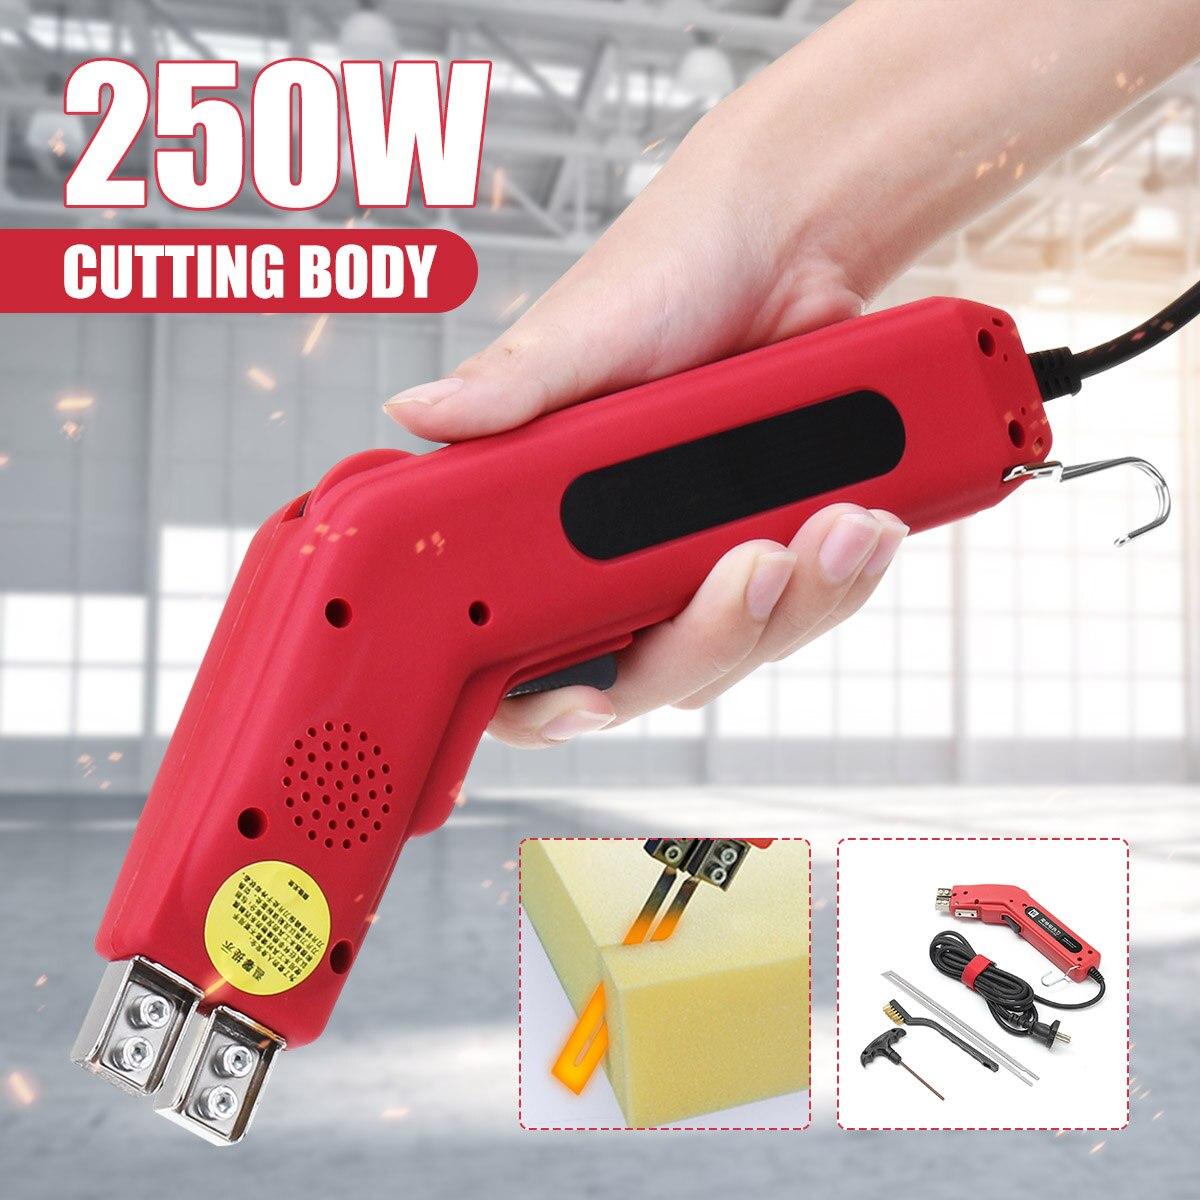 250 واط الكهربائية الساخن سكين الستايروفوم قاطع الفوم أداة مع شفرة المحمولة المهنية قاطع الفوم أدوات قطع سكين